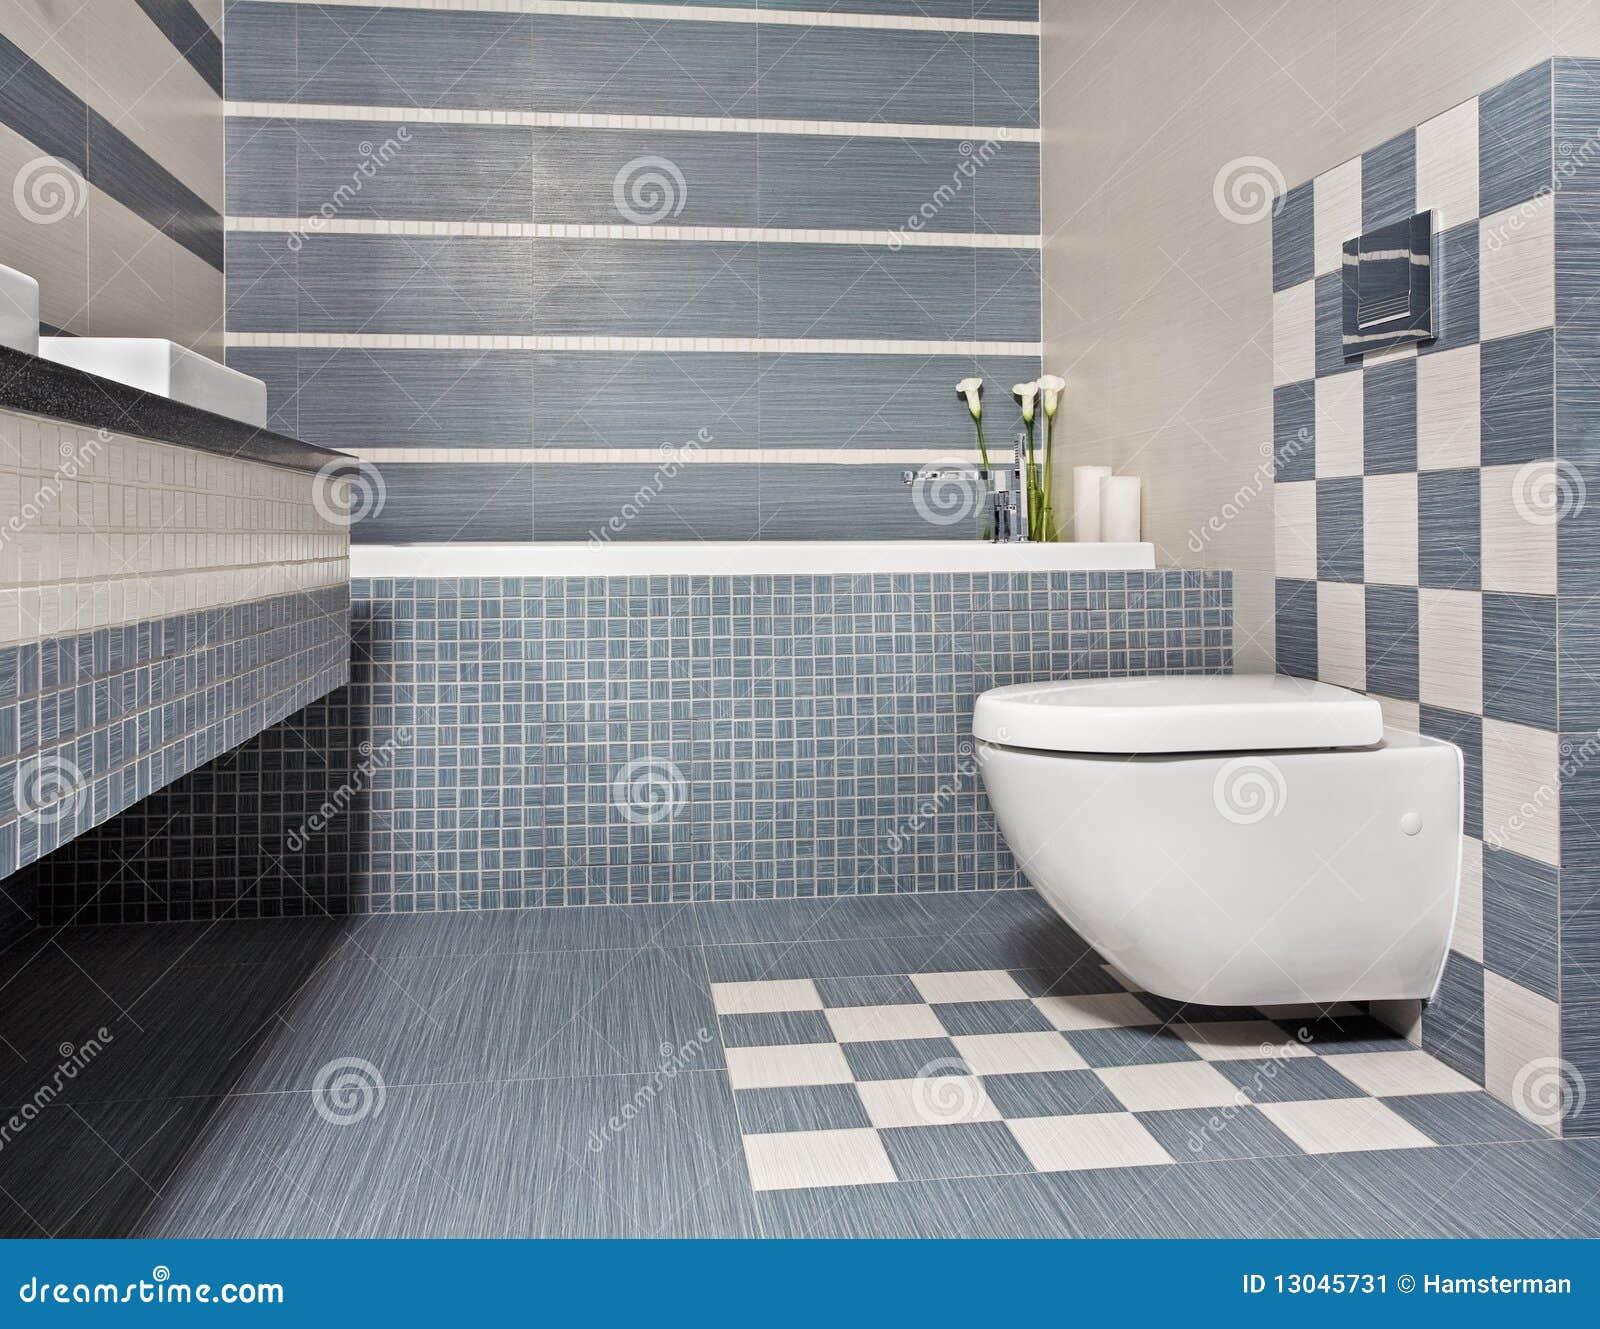 Moderne Badkamers In Blauwe En Grijze Tonen Met Toilet